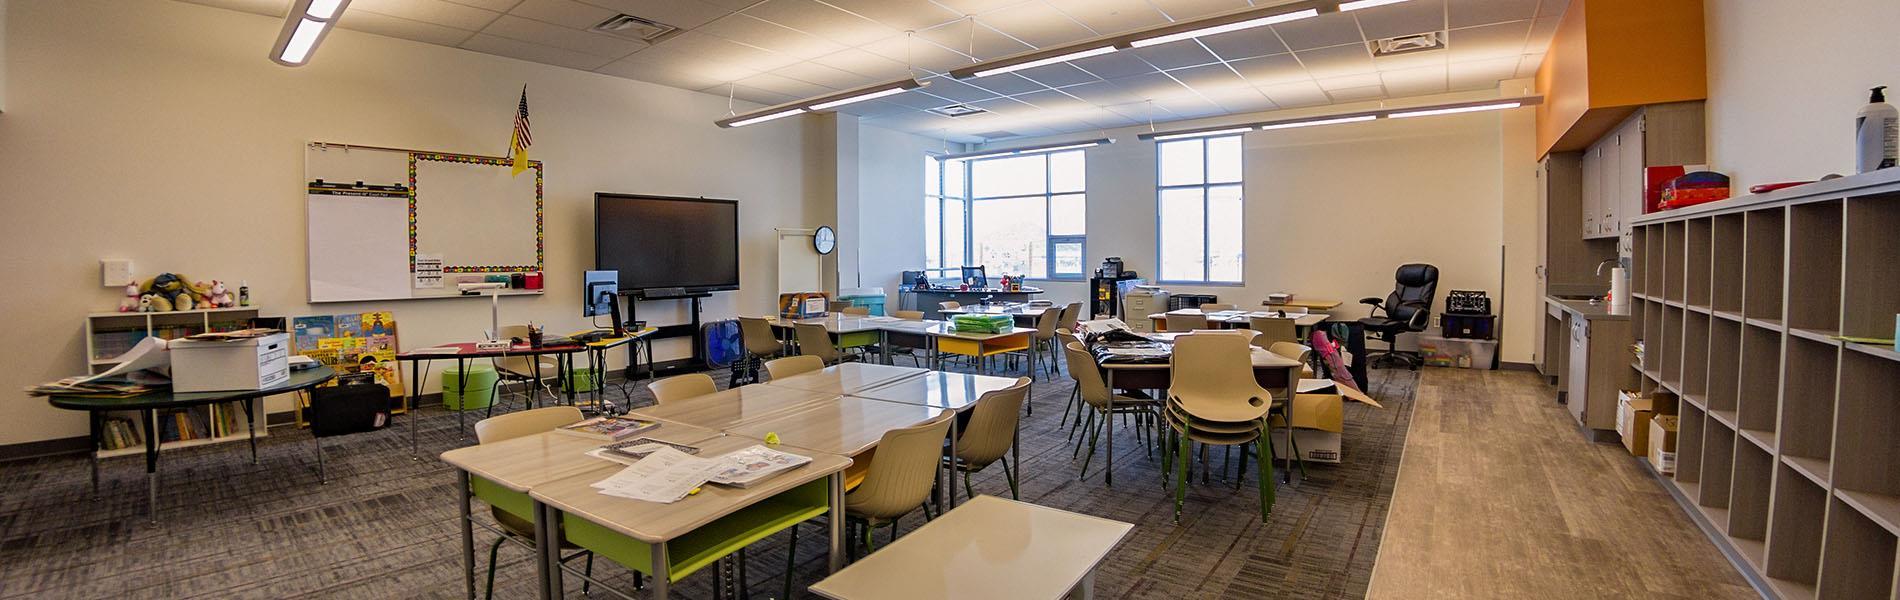 LES Classroom